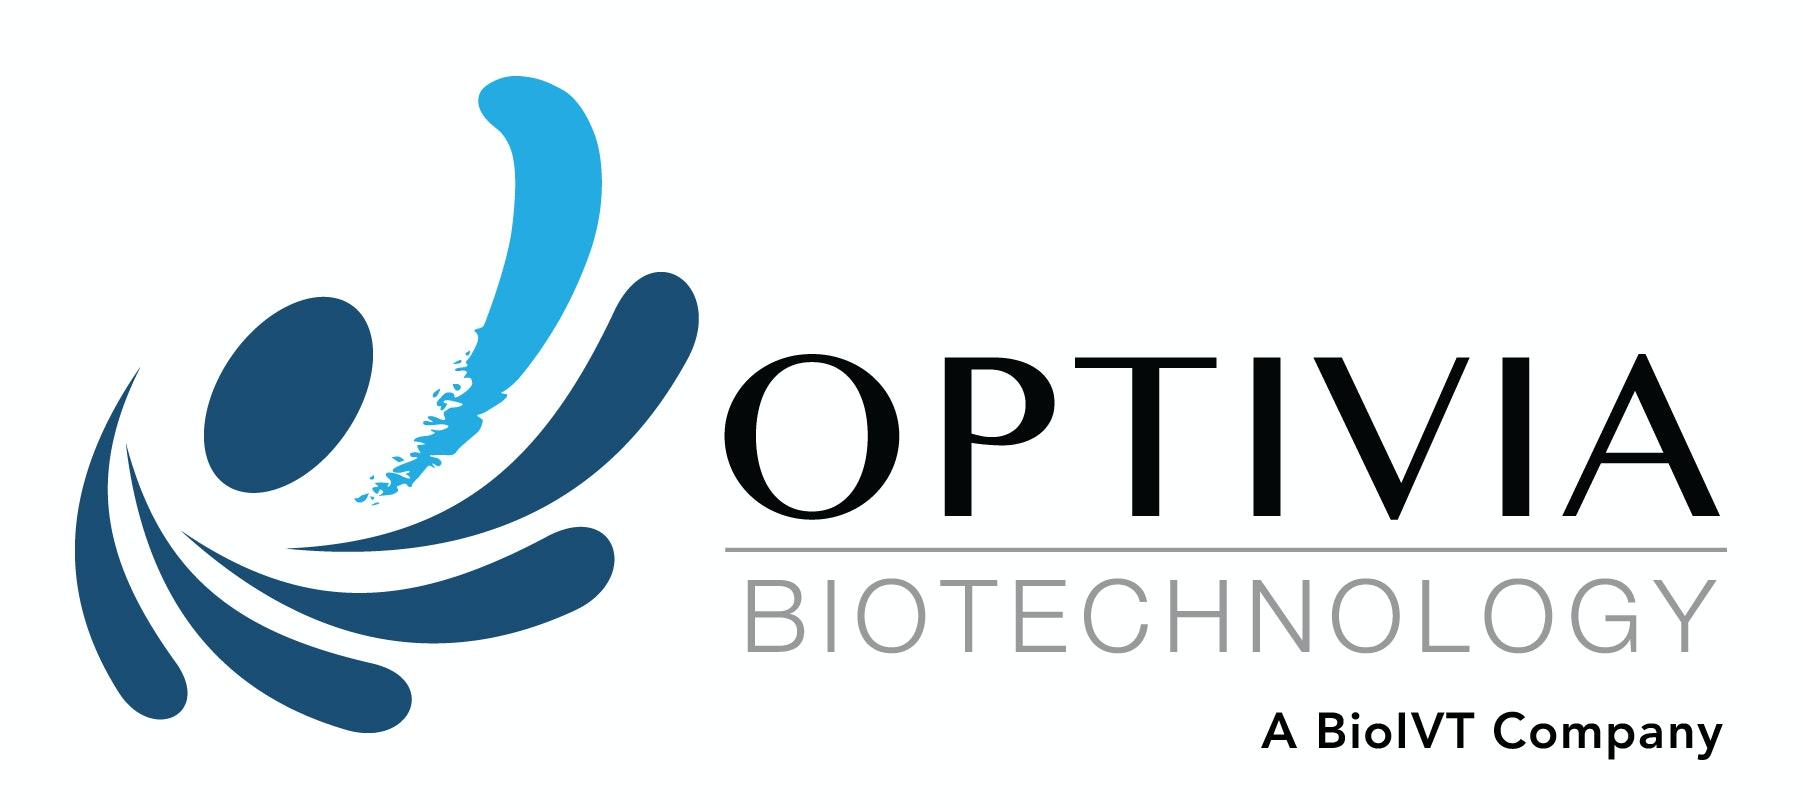 Optivia, A BioIVT Company Lab / Facility Logo